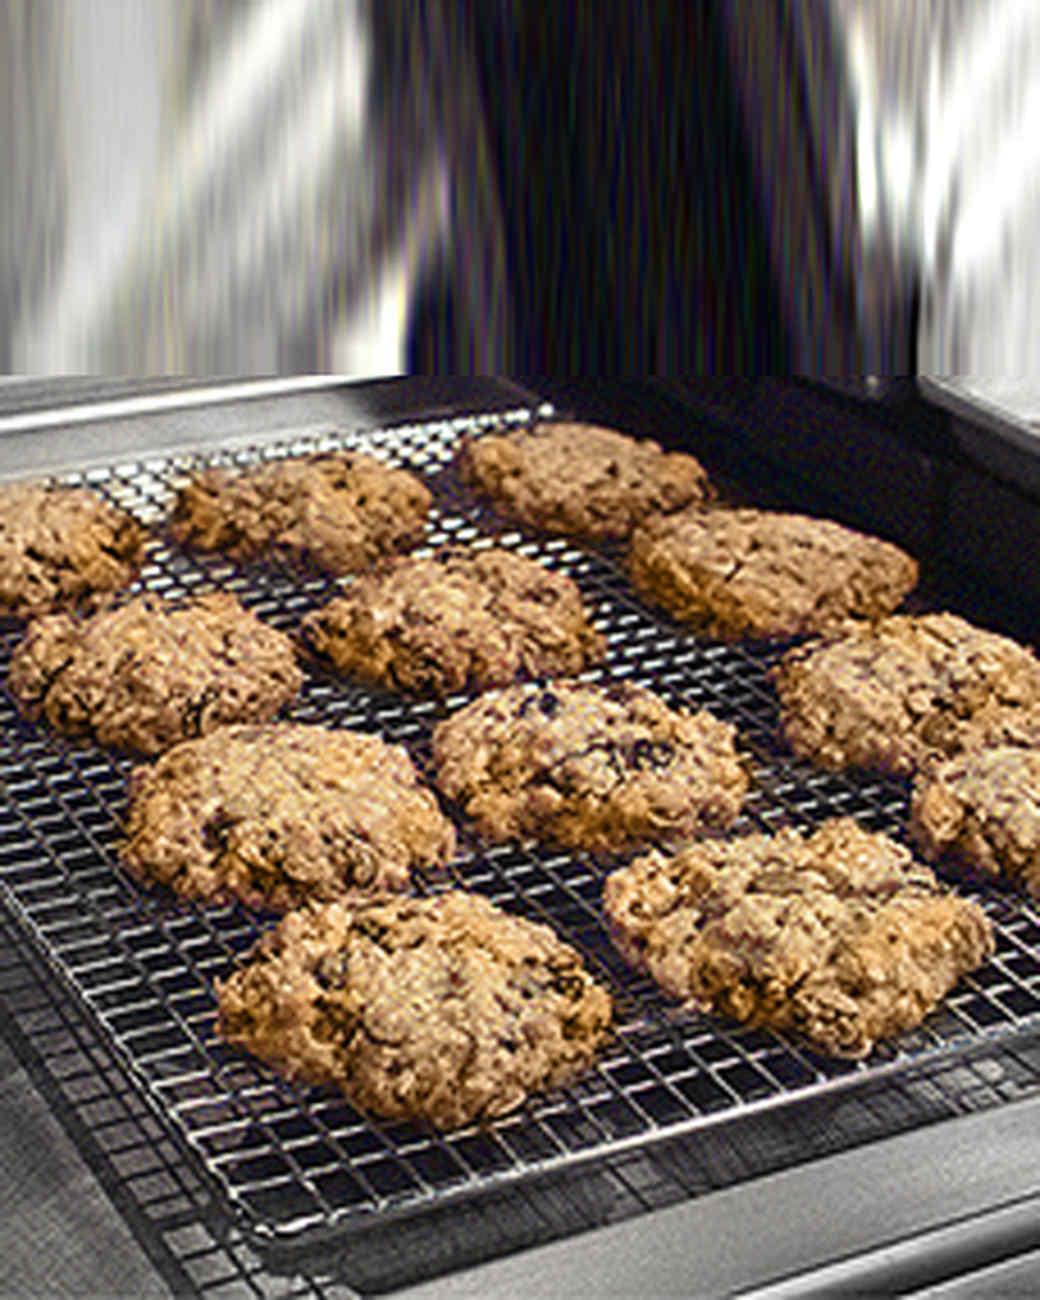 The kitchen sink cookie recipe